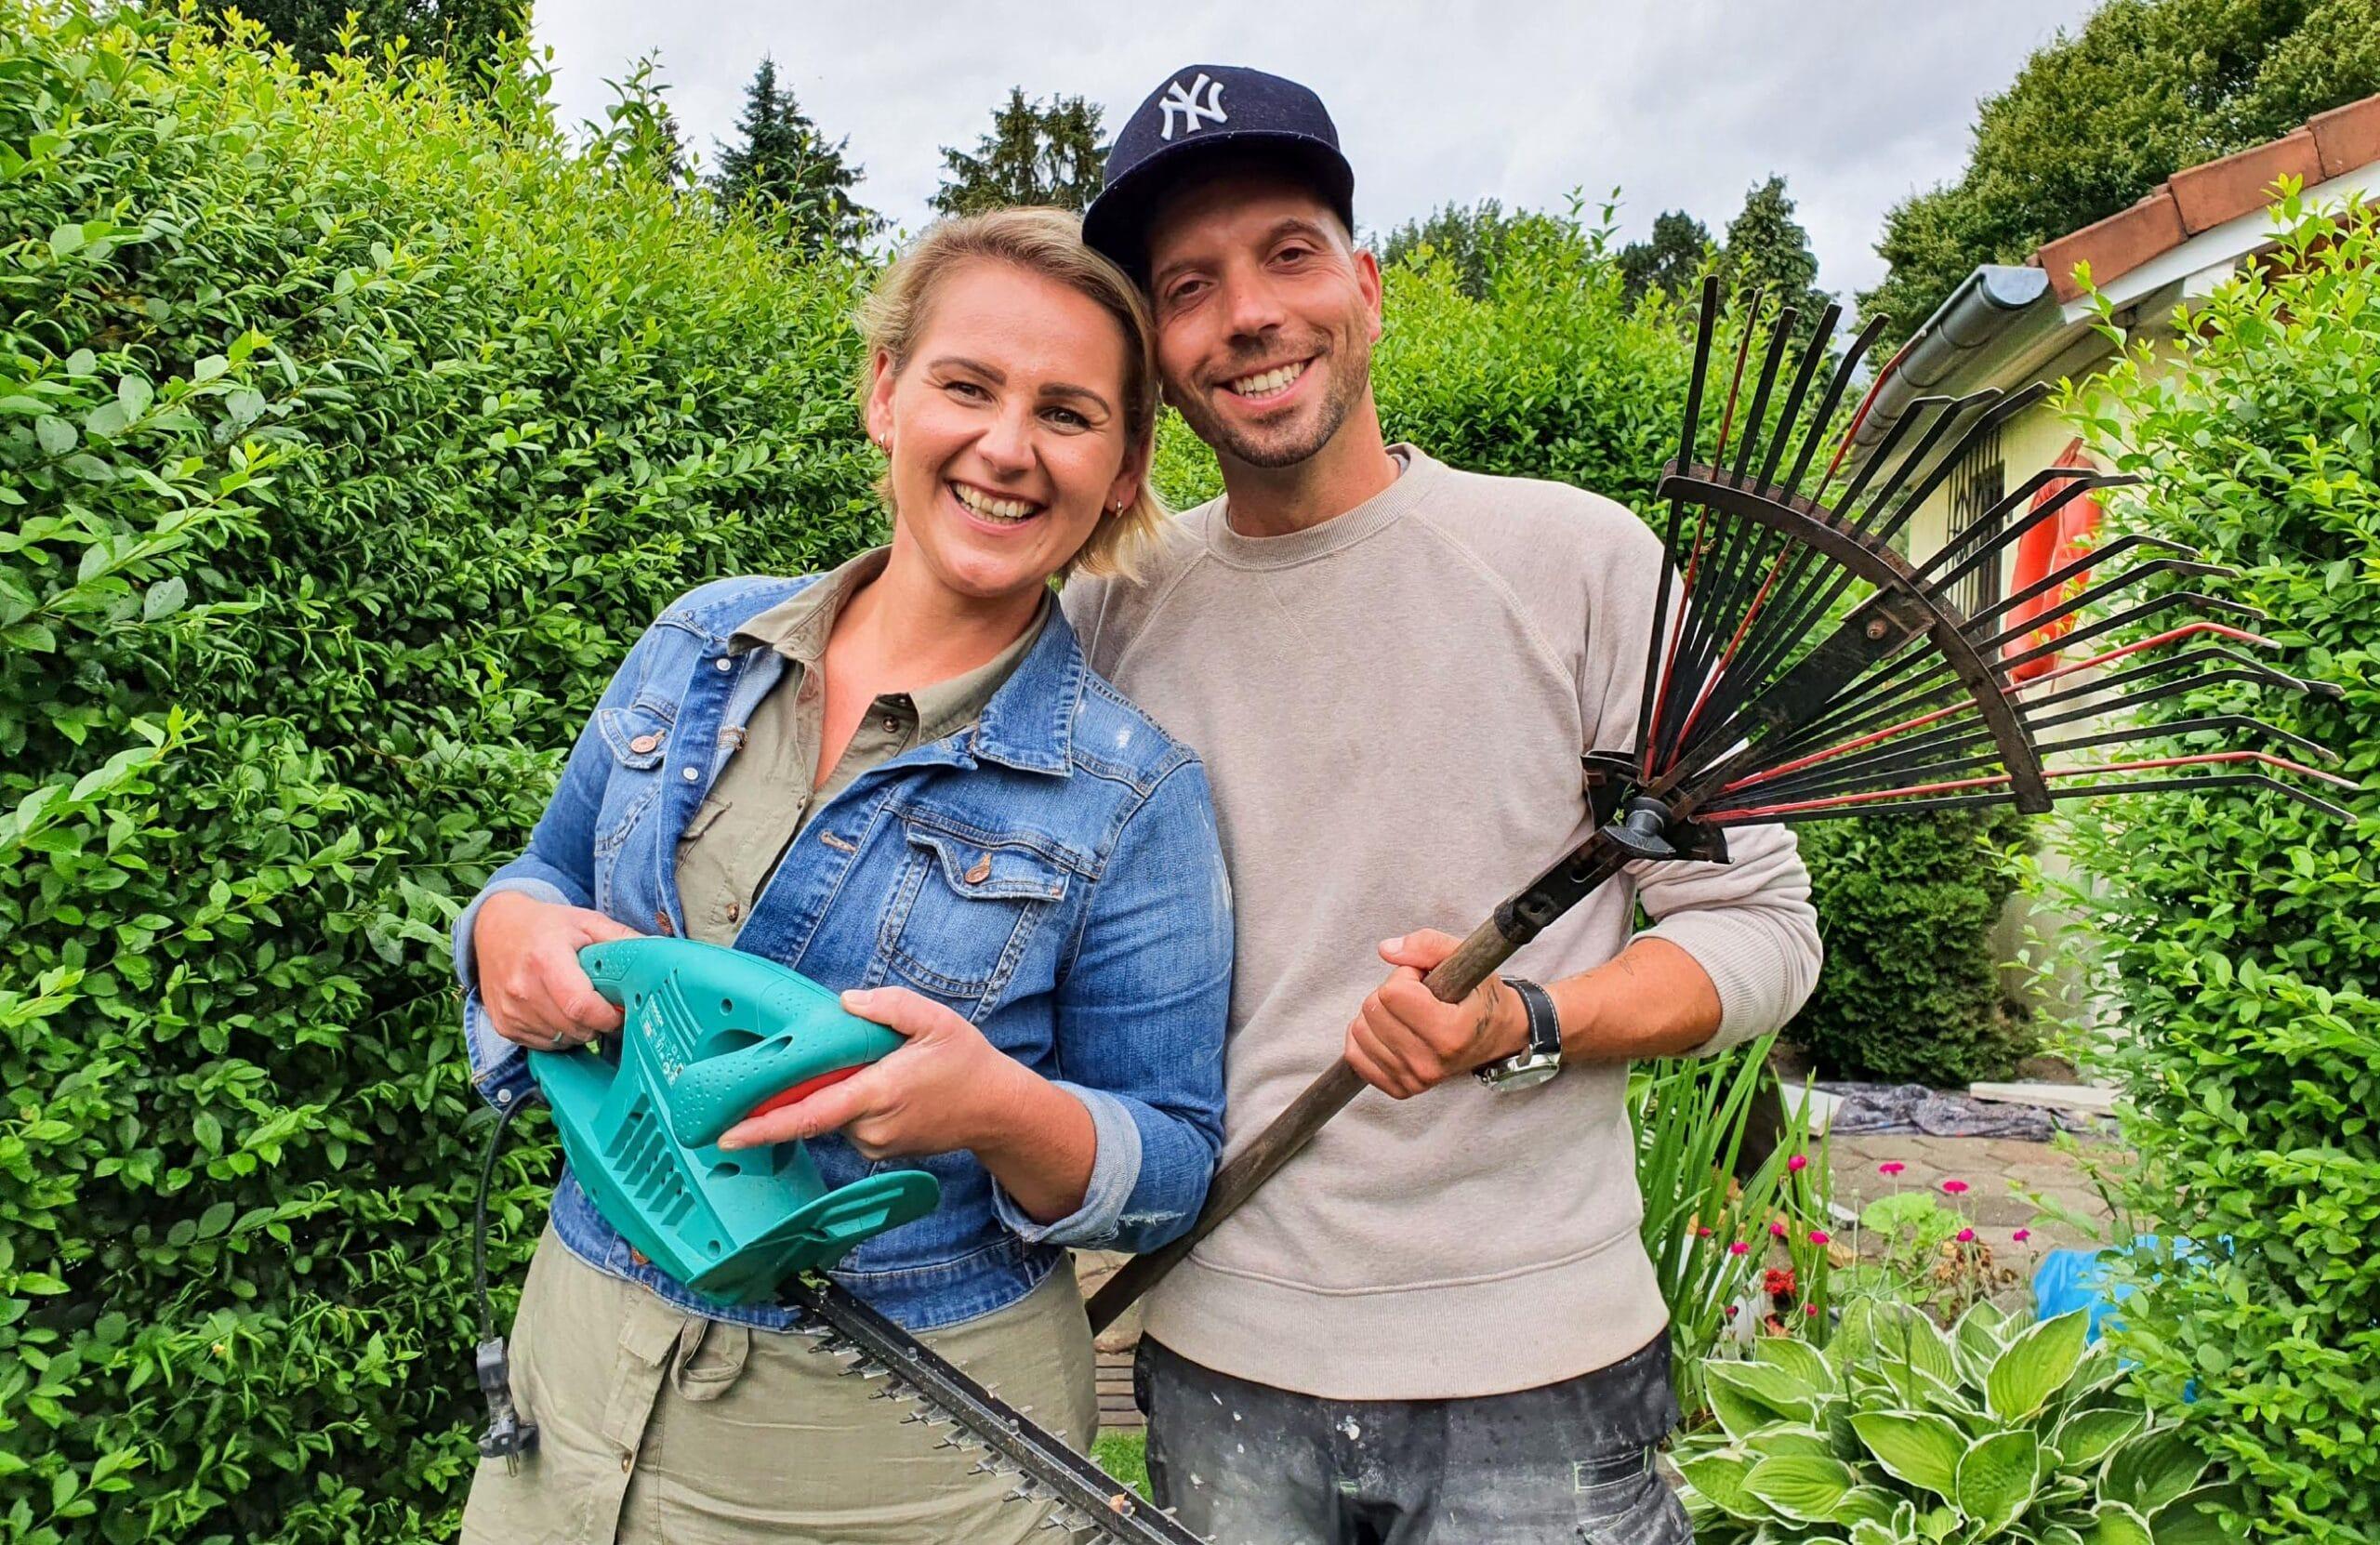 Marina und Benjamin - Ab ins Beet! Die Garten-Soap